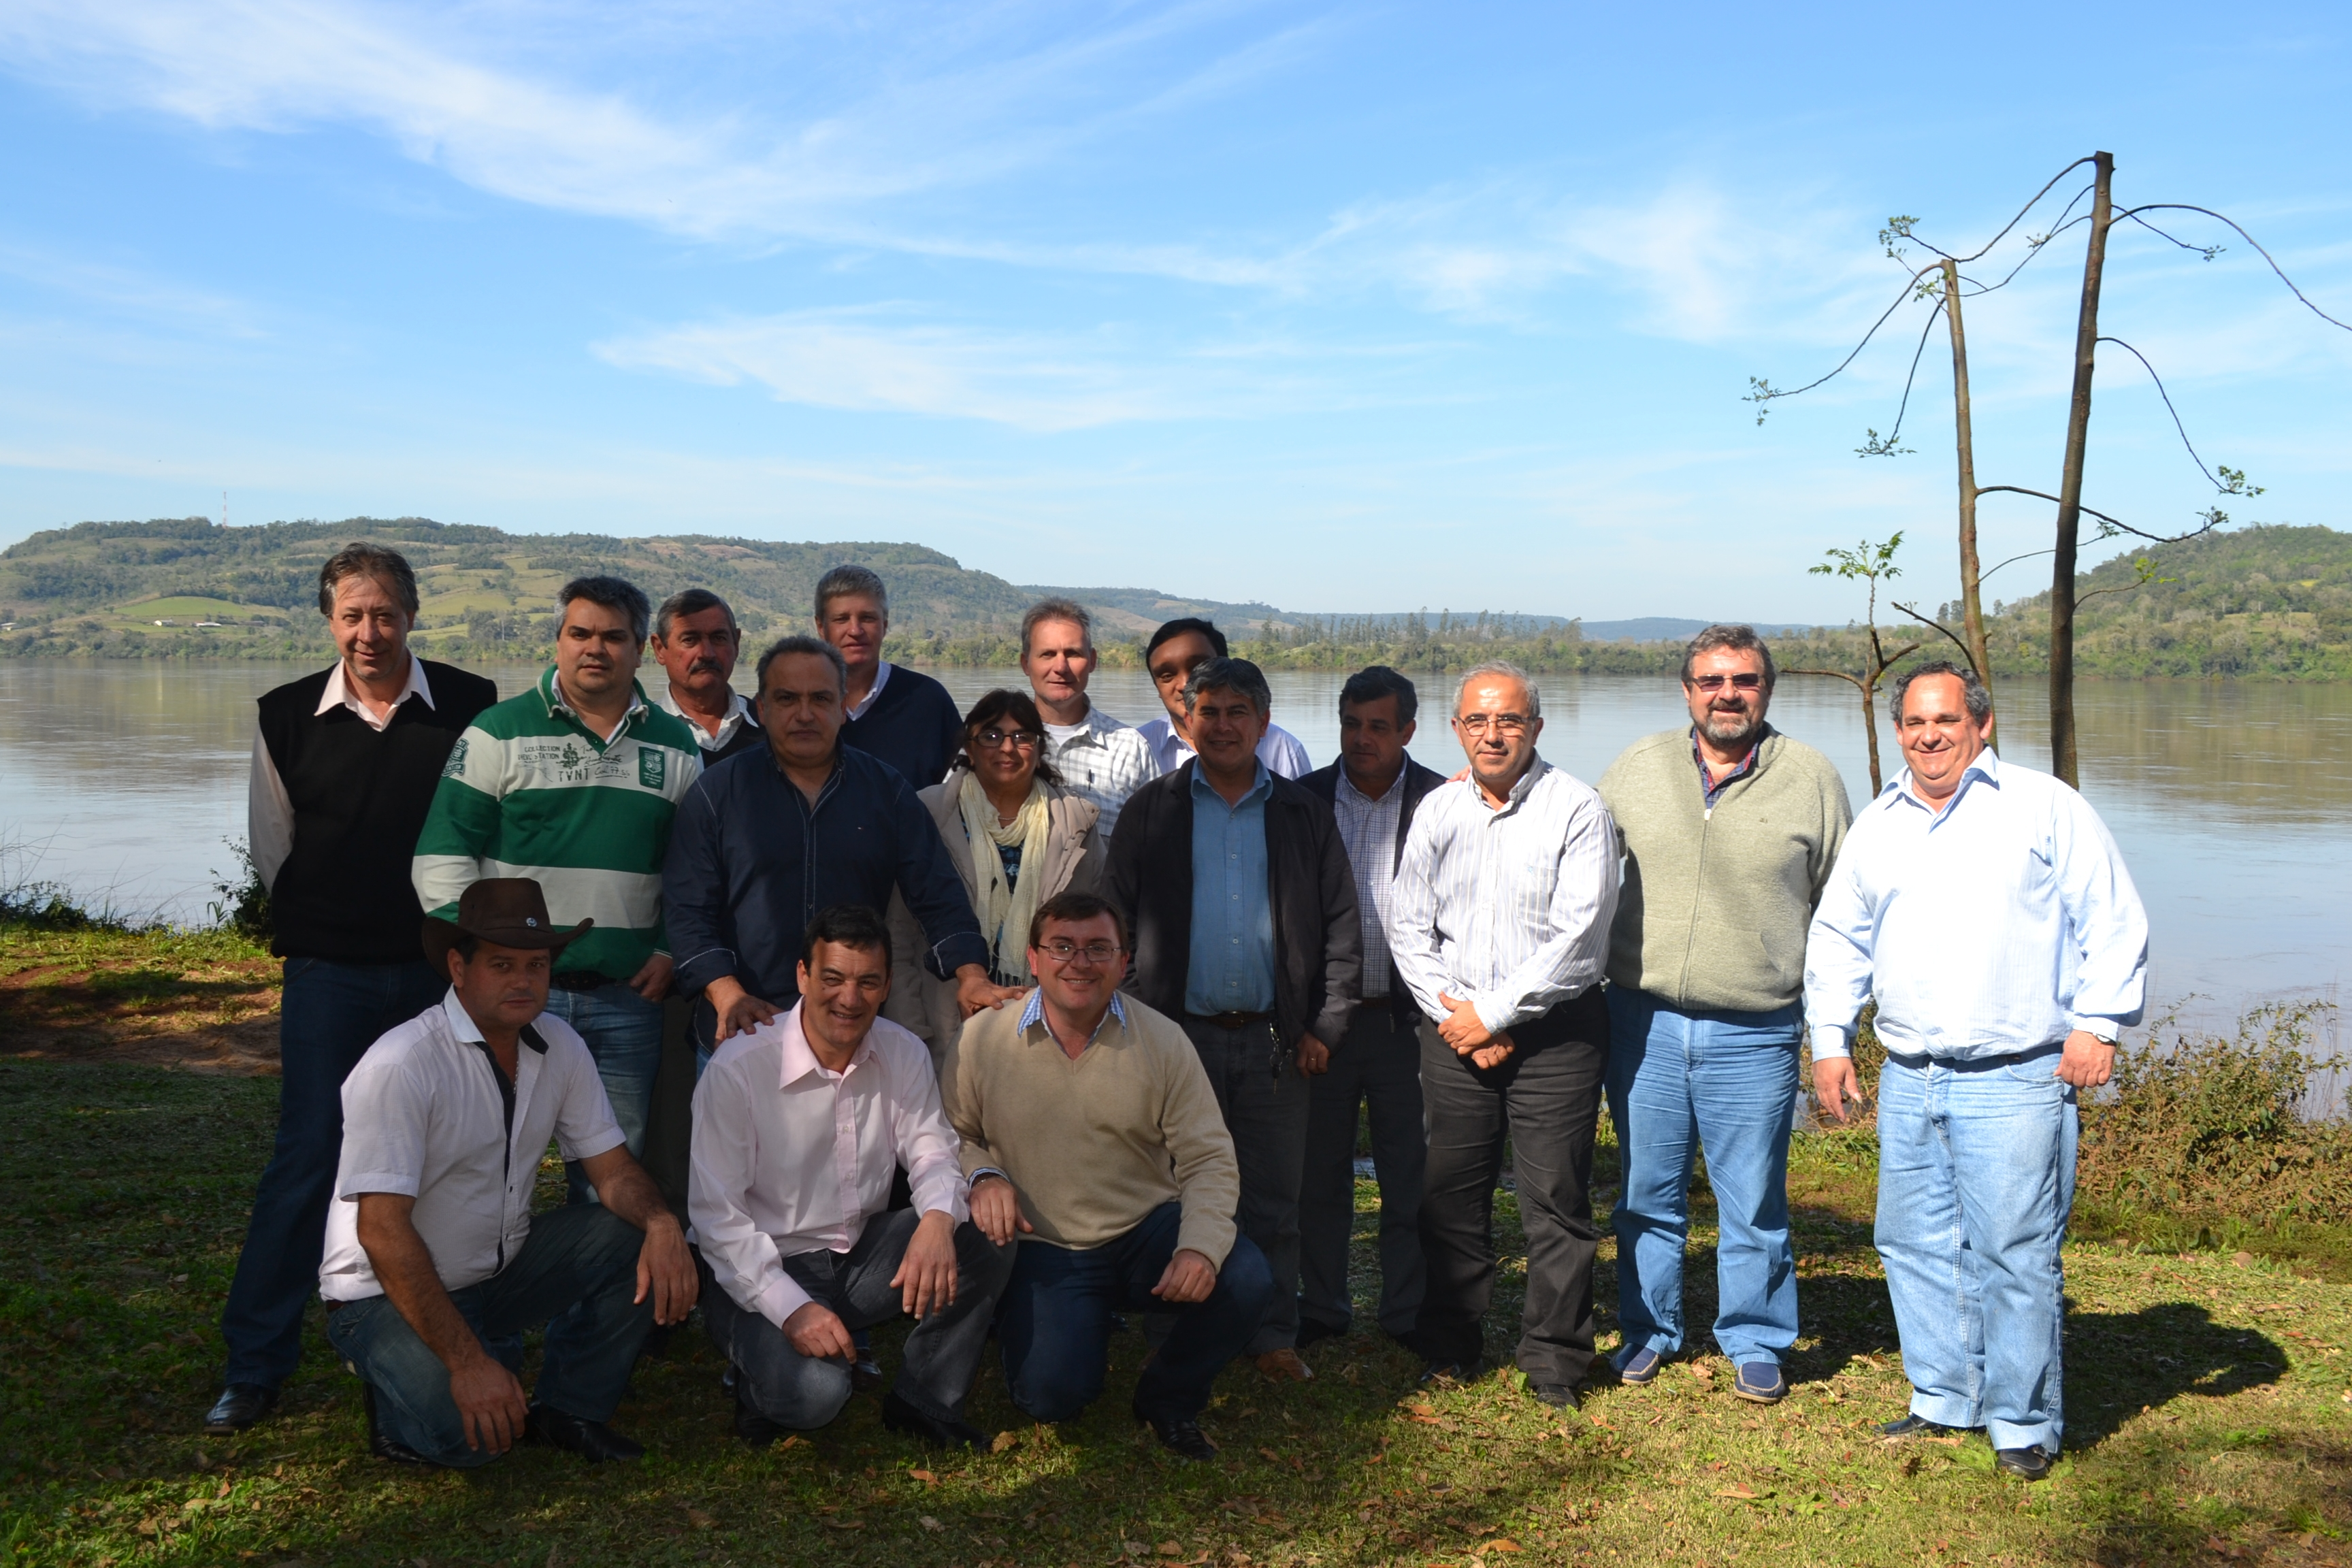 Con el Uruguay de fondo. Los alcaldes quieren precisiones sobre Garabí.